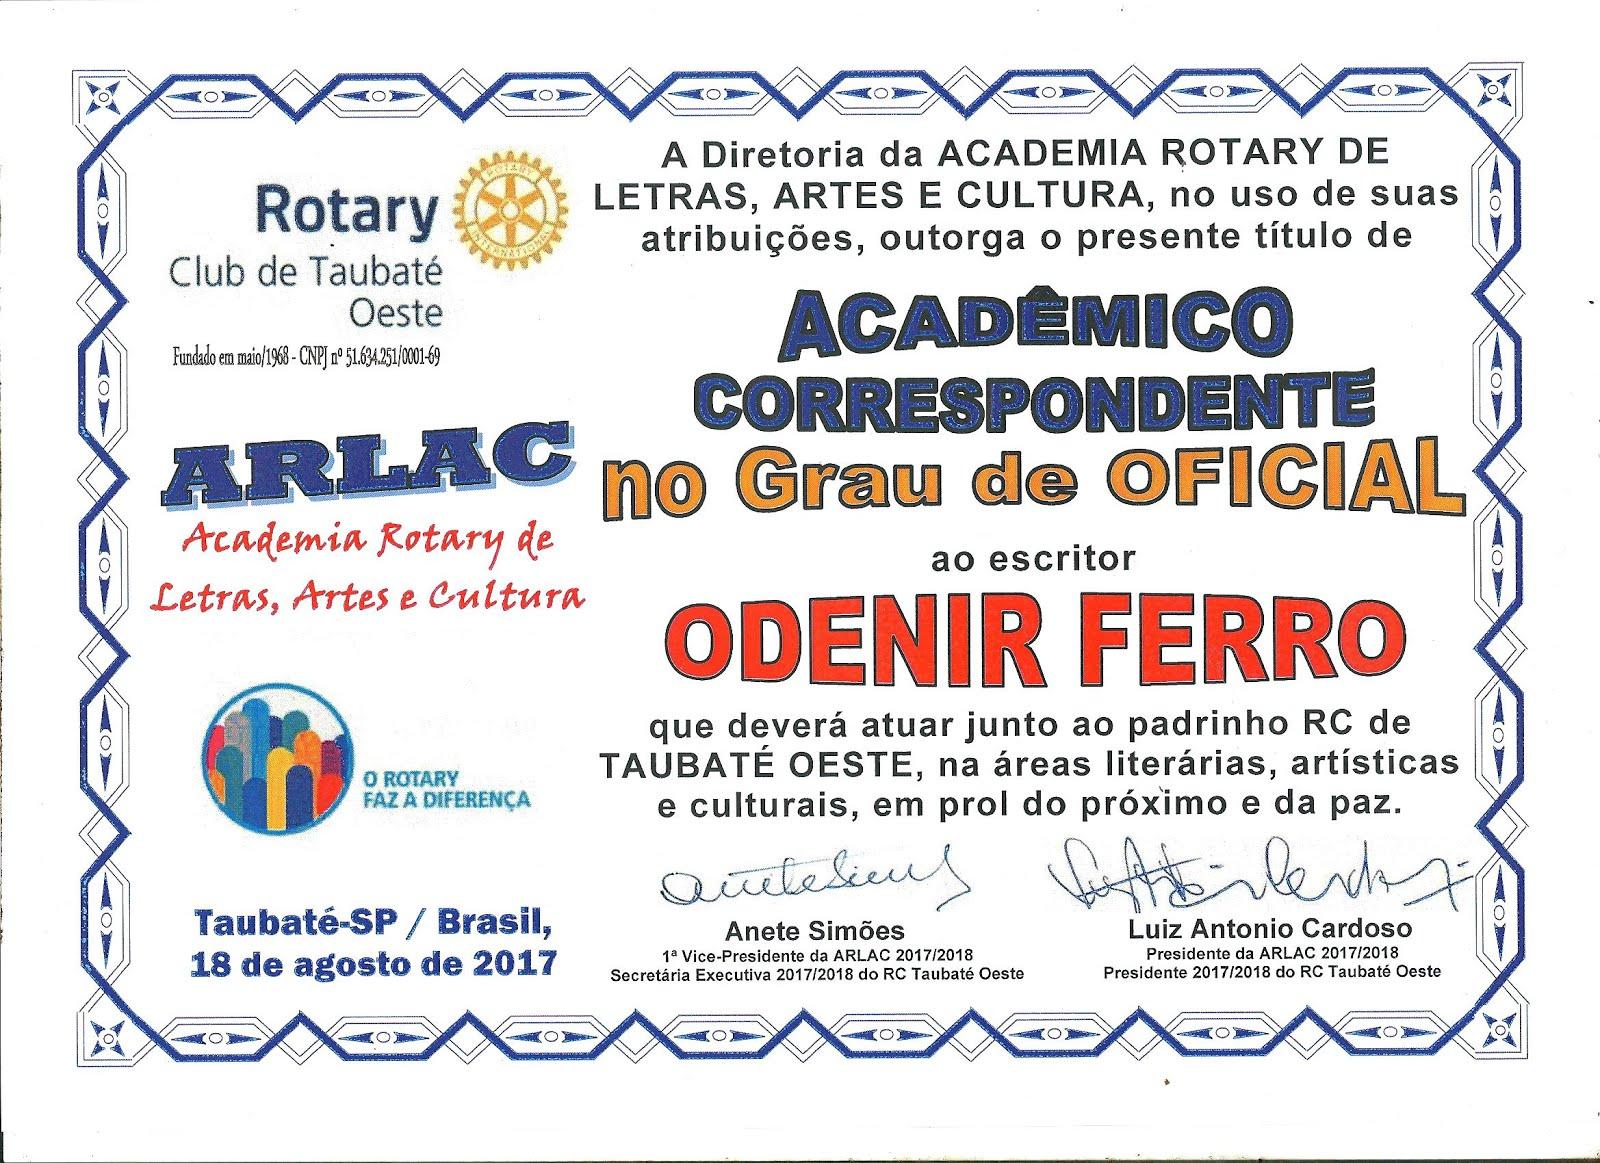 ARLAC Academia Rotary de Letras, Artes e Cultura